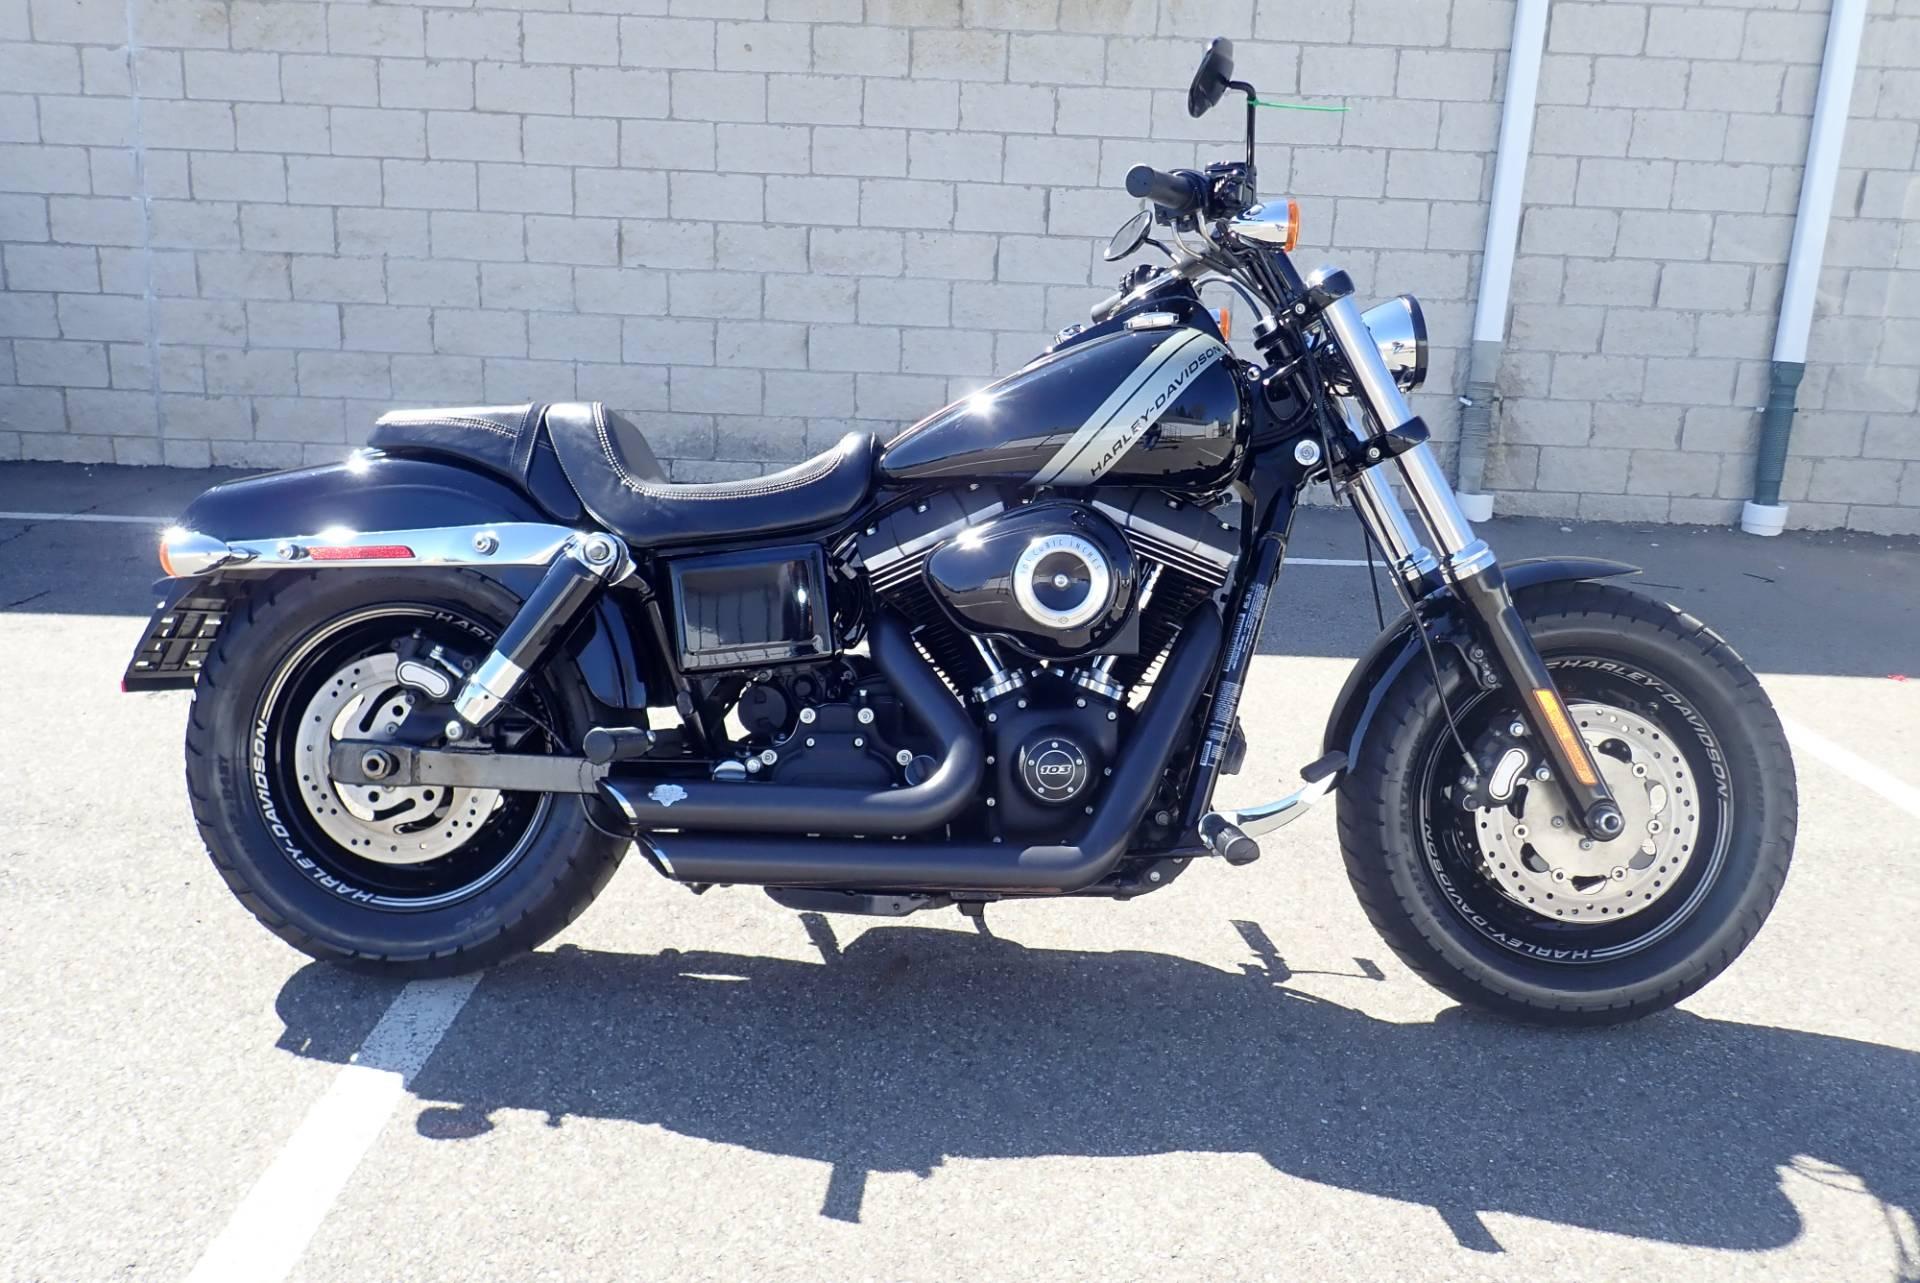 2015 Harley-Davidson Fat Bob for sale 107272